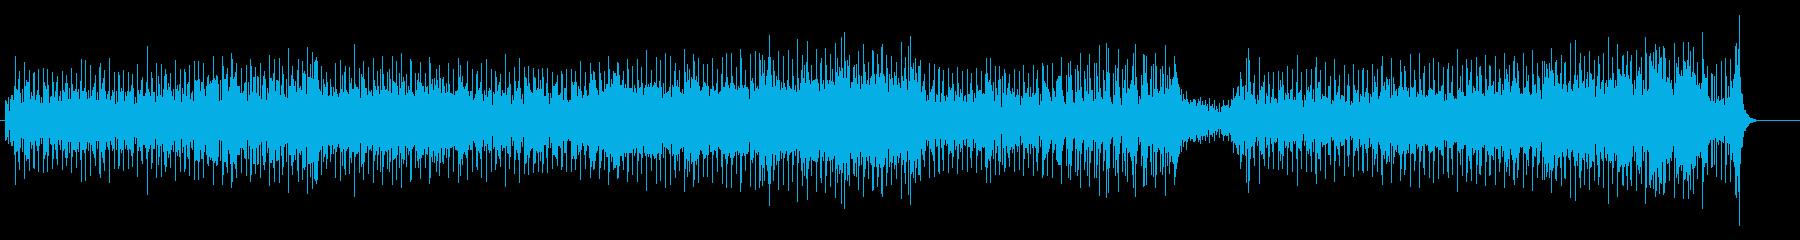 ゆったりと揺れるようなポップ・チューンの再生済みの波形